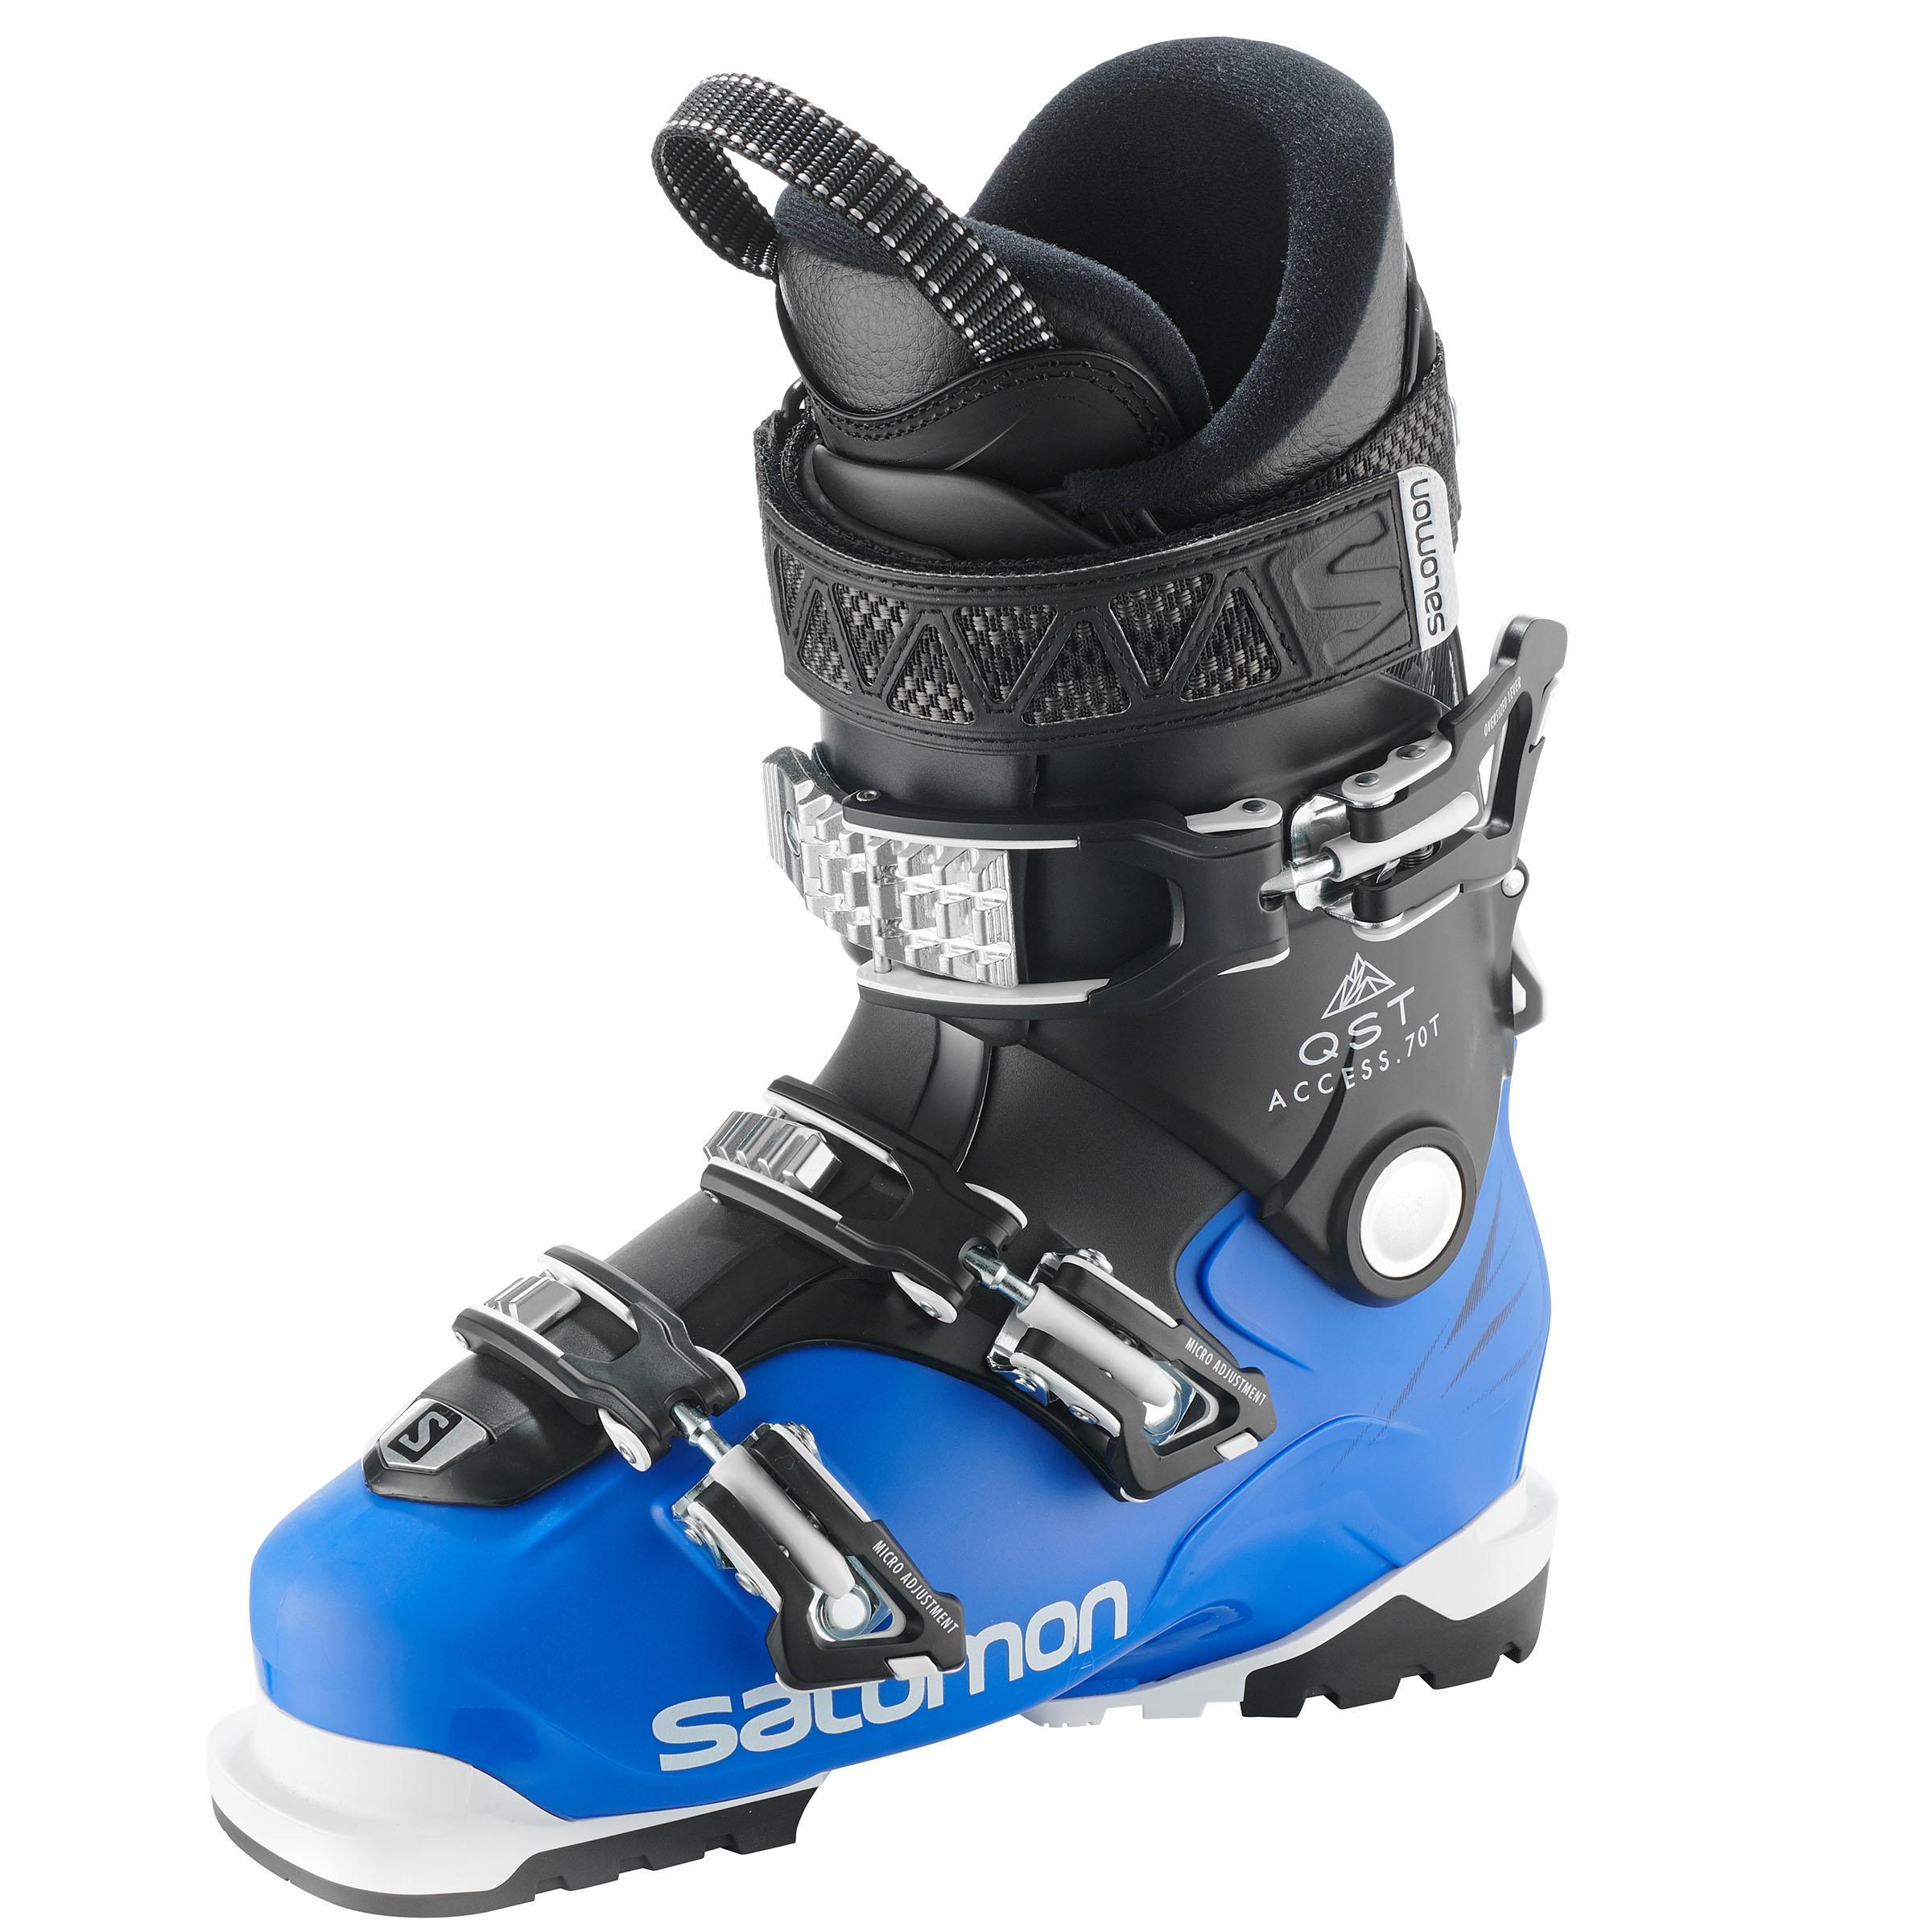 Jungen,Kinder,Kinder Skischuhe Freeride Salomon QST Access 70 Kinder blau   00889645659251